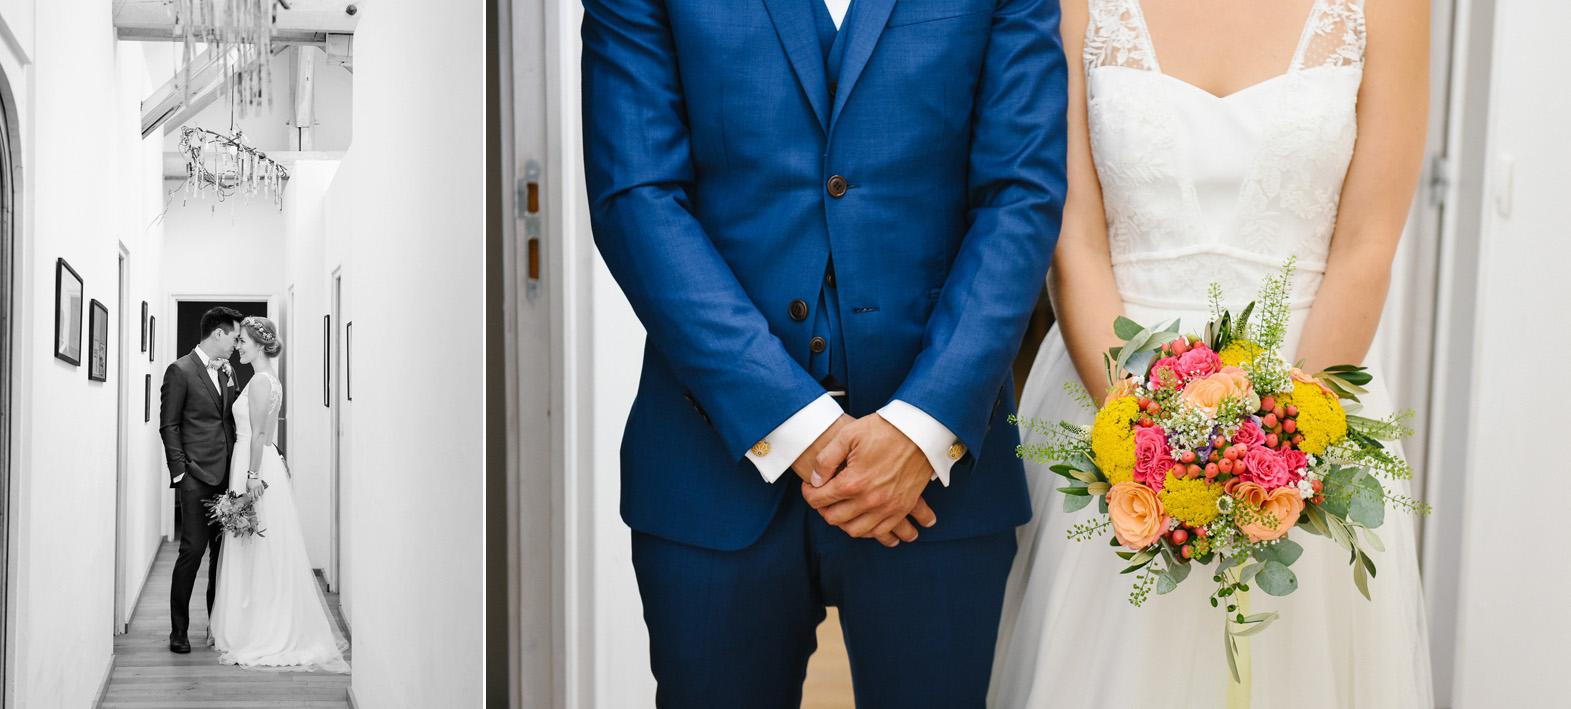 mariage_LW_domaine de la Pepiniere_seine-et-marne_77_photographie_clemence_dubois MEP10